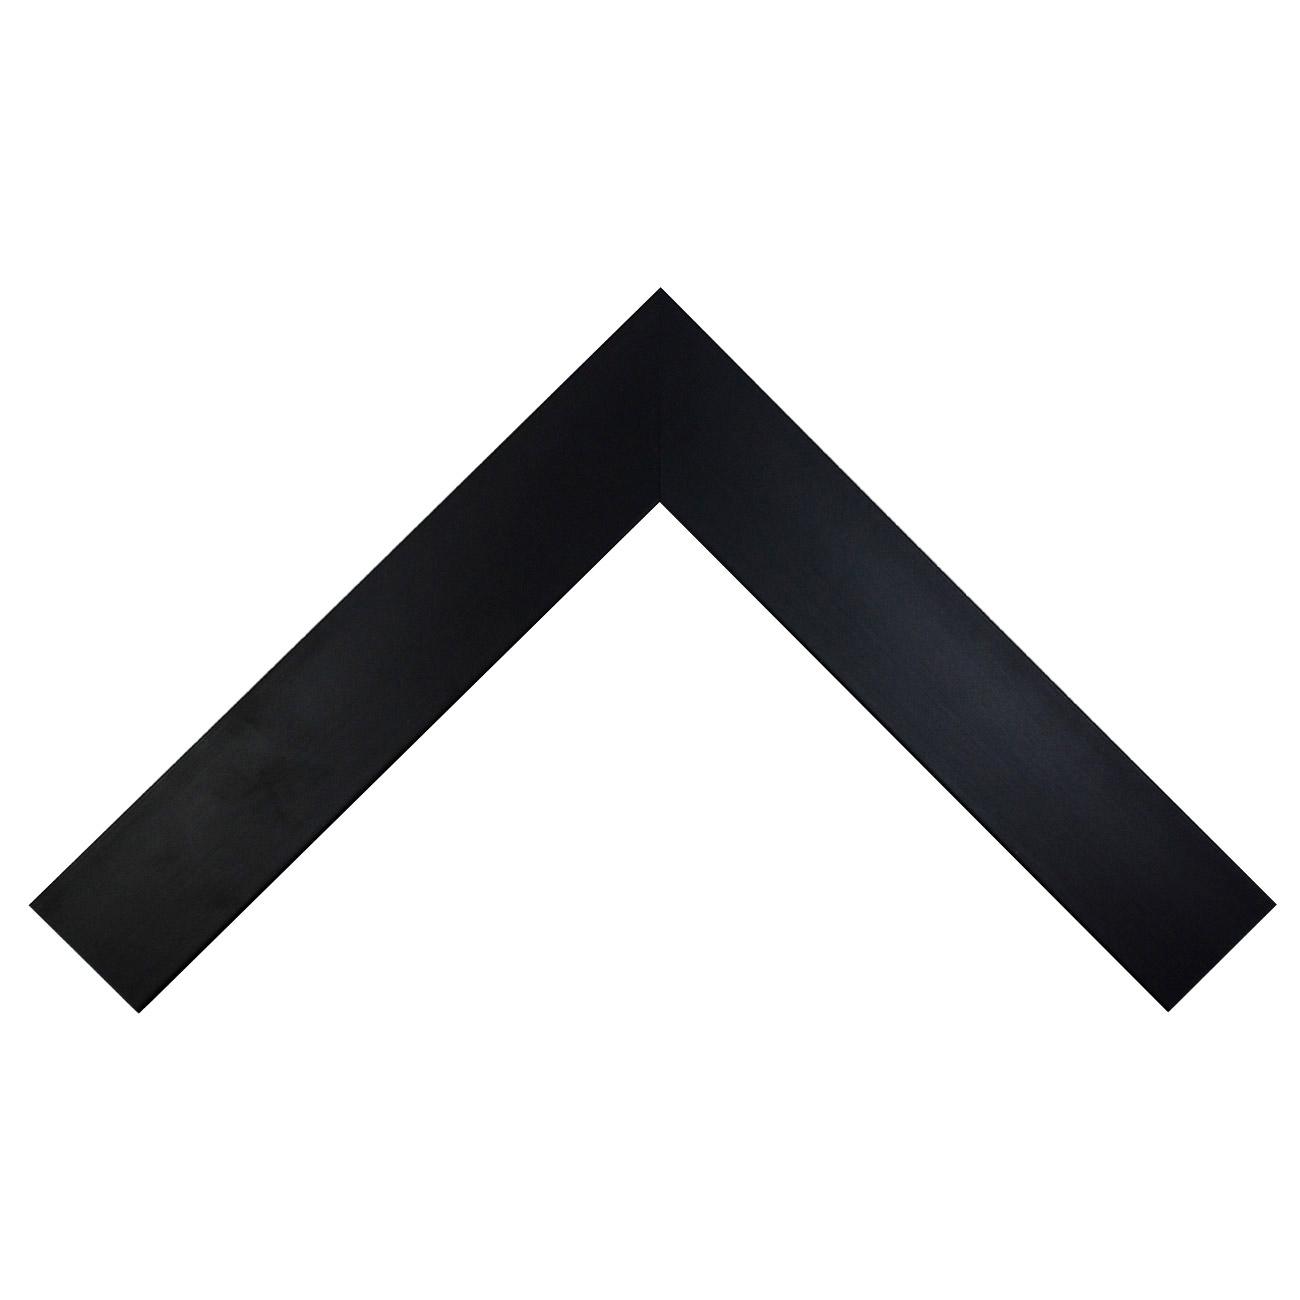 Baguette bois profil plat largeur 6cm couleur noir mat finition pore bouché haut de gamme